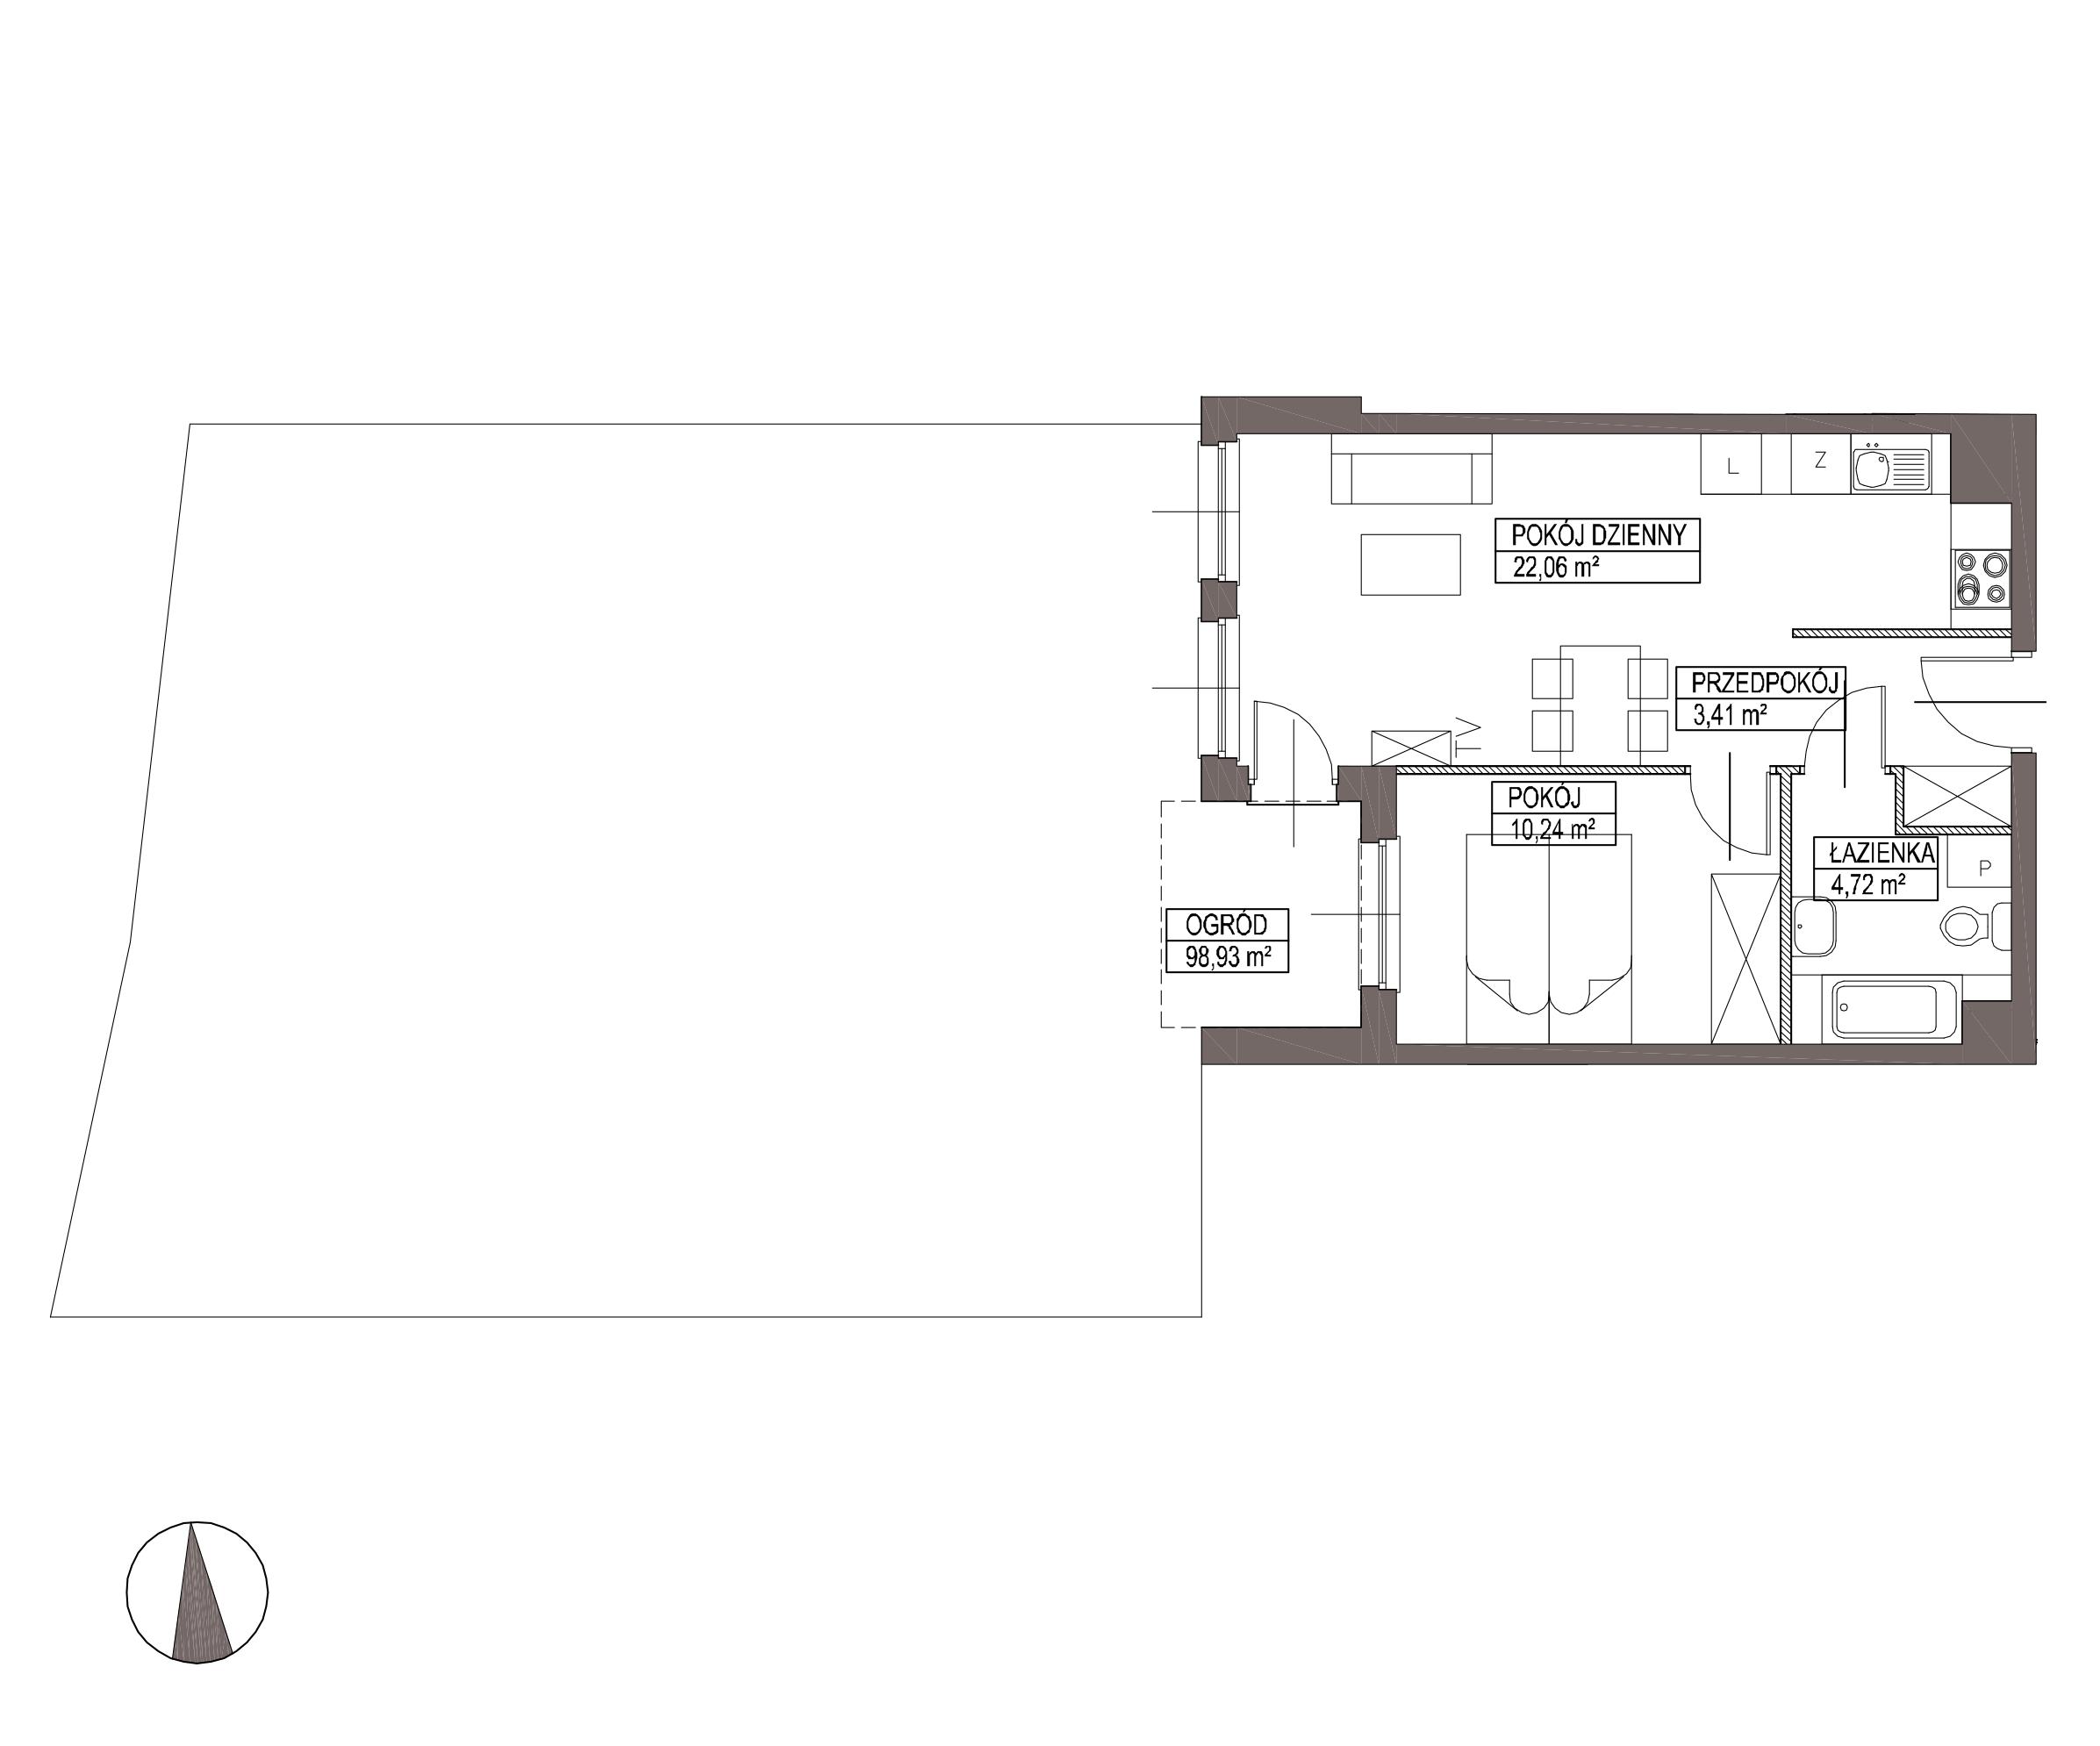 Kameralna Olszówka / budynek 1 / mieszkanie KO/A/0/8 rzut 1